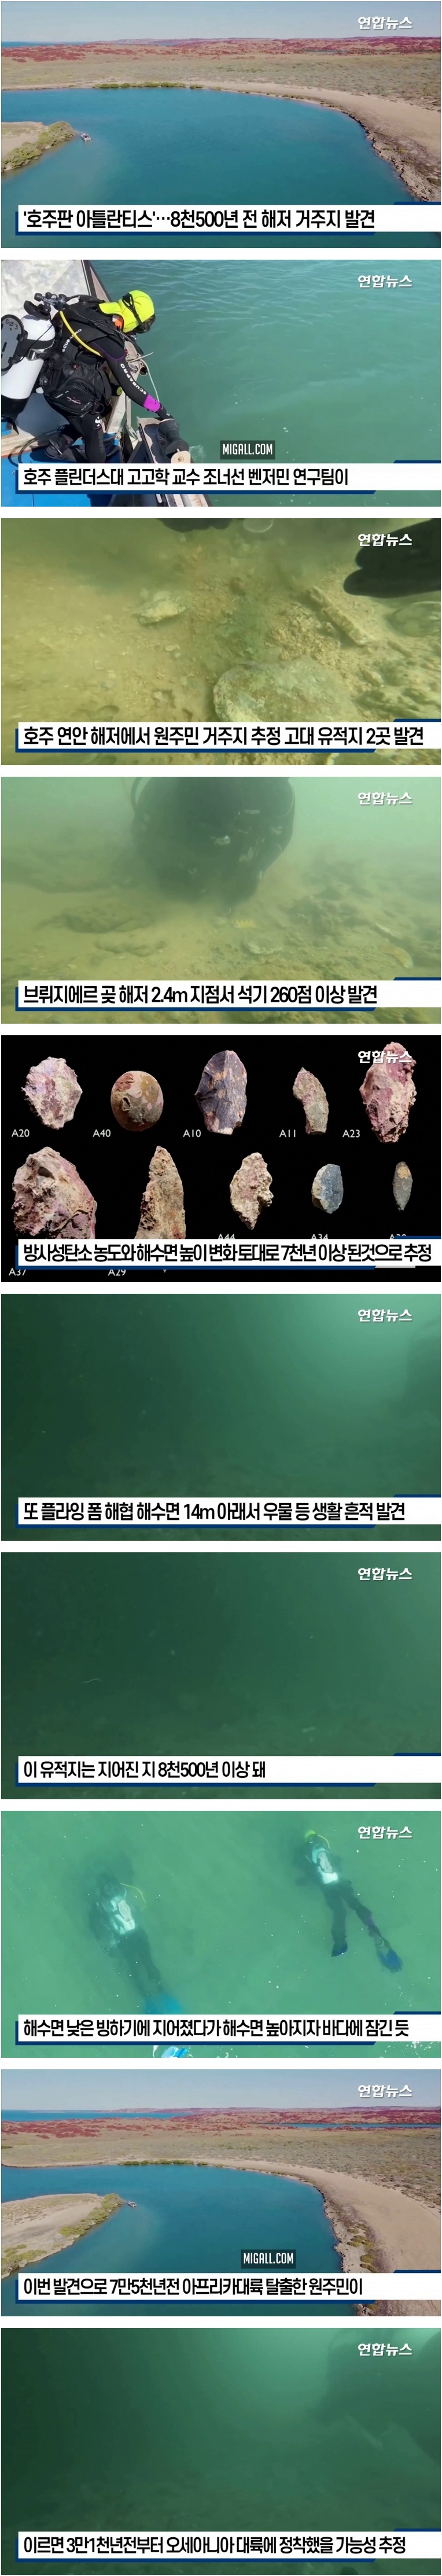 호주에서 8천500년 전 해저 거주지 발견.jpg